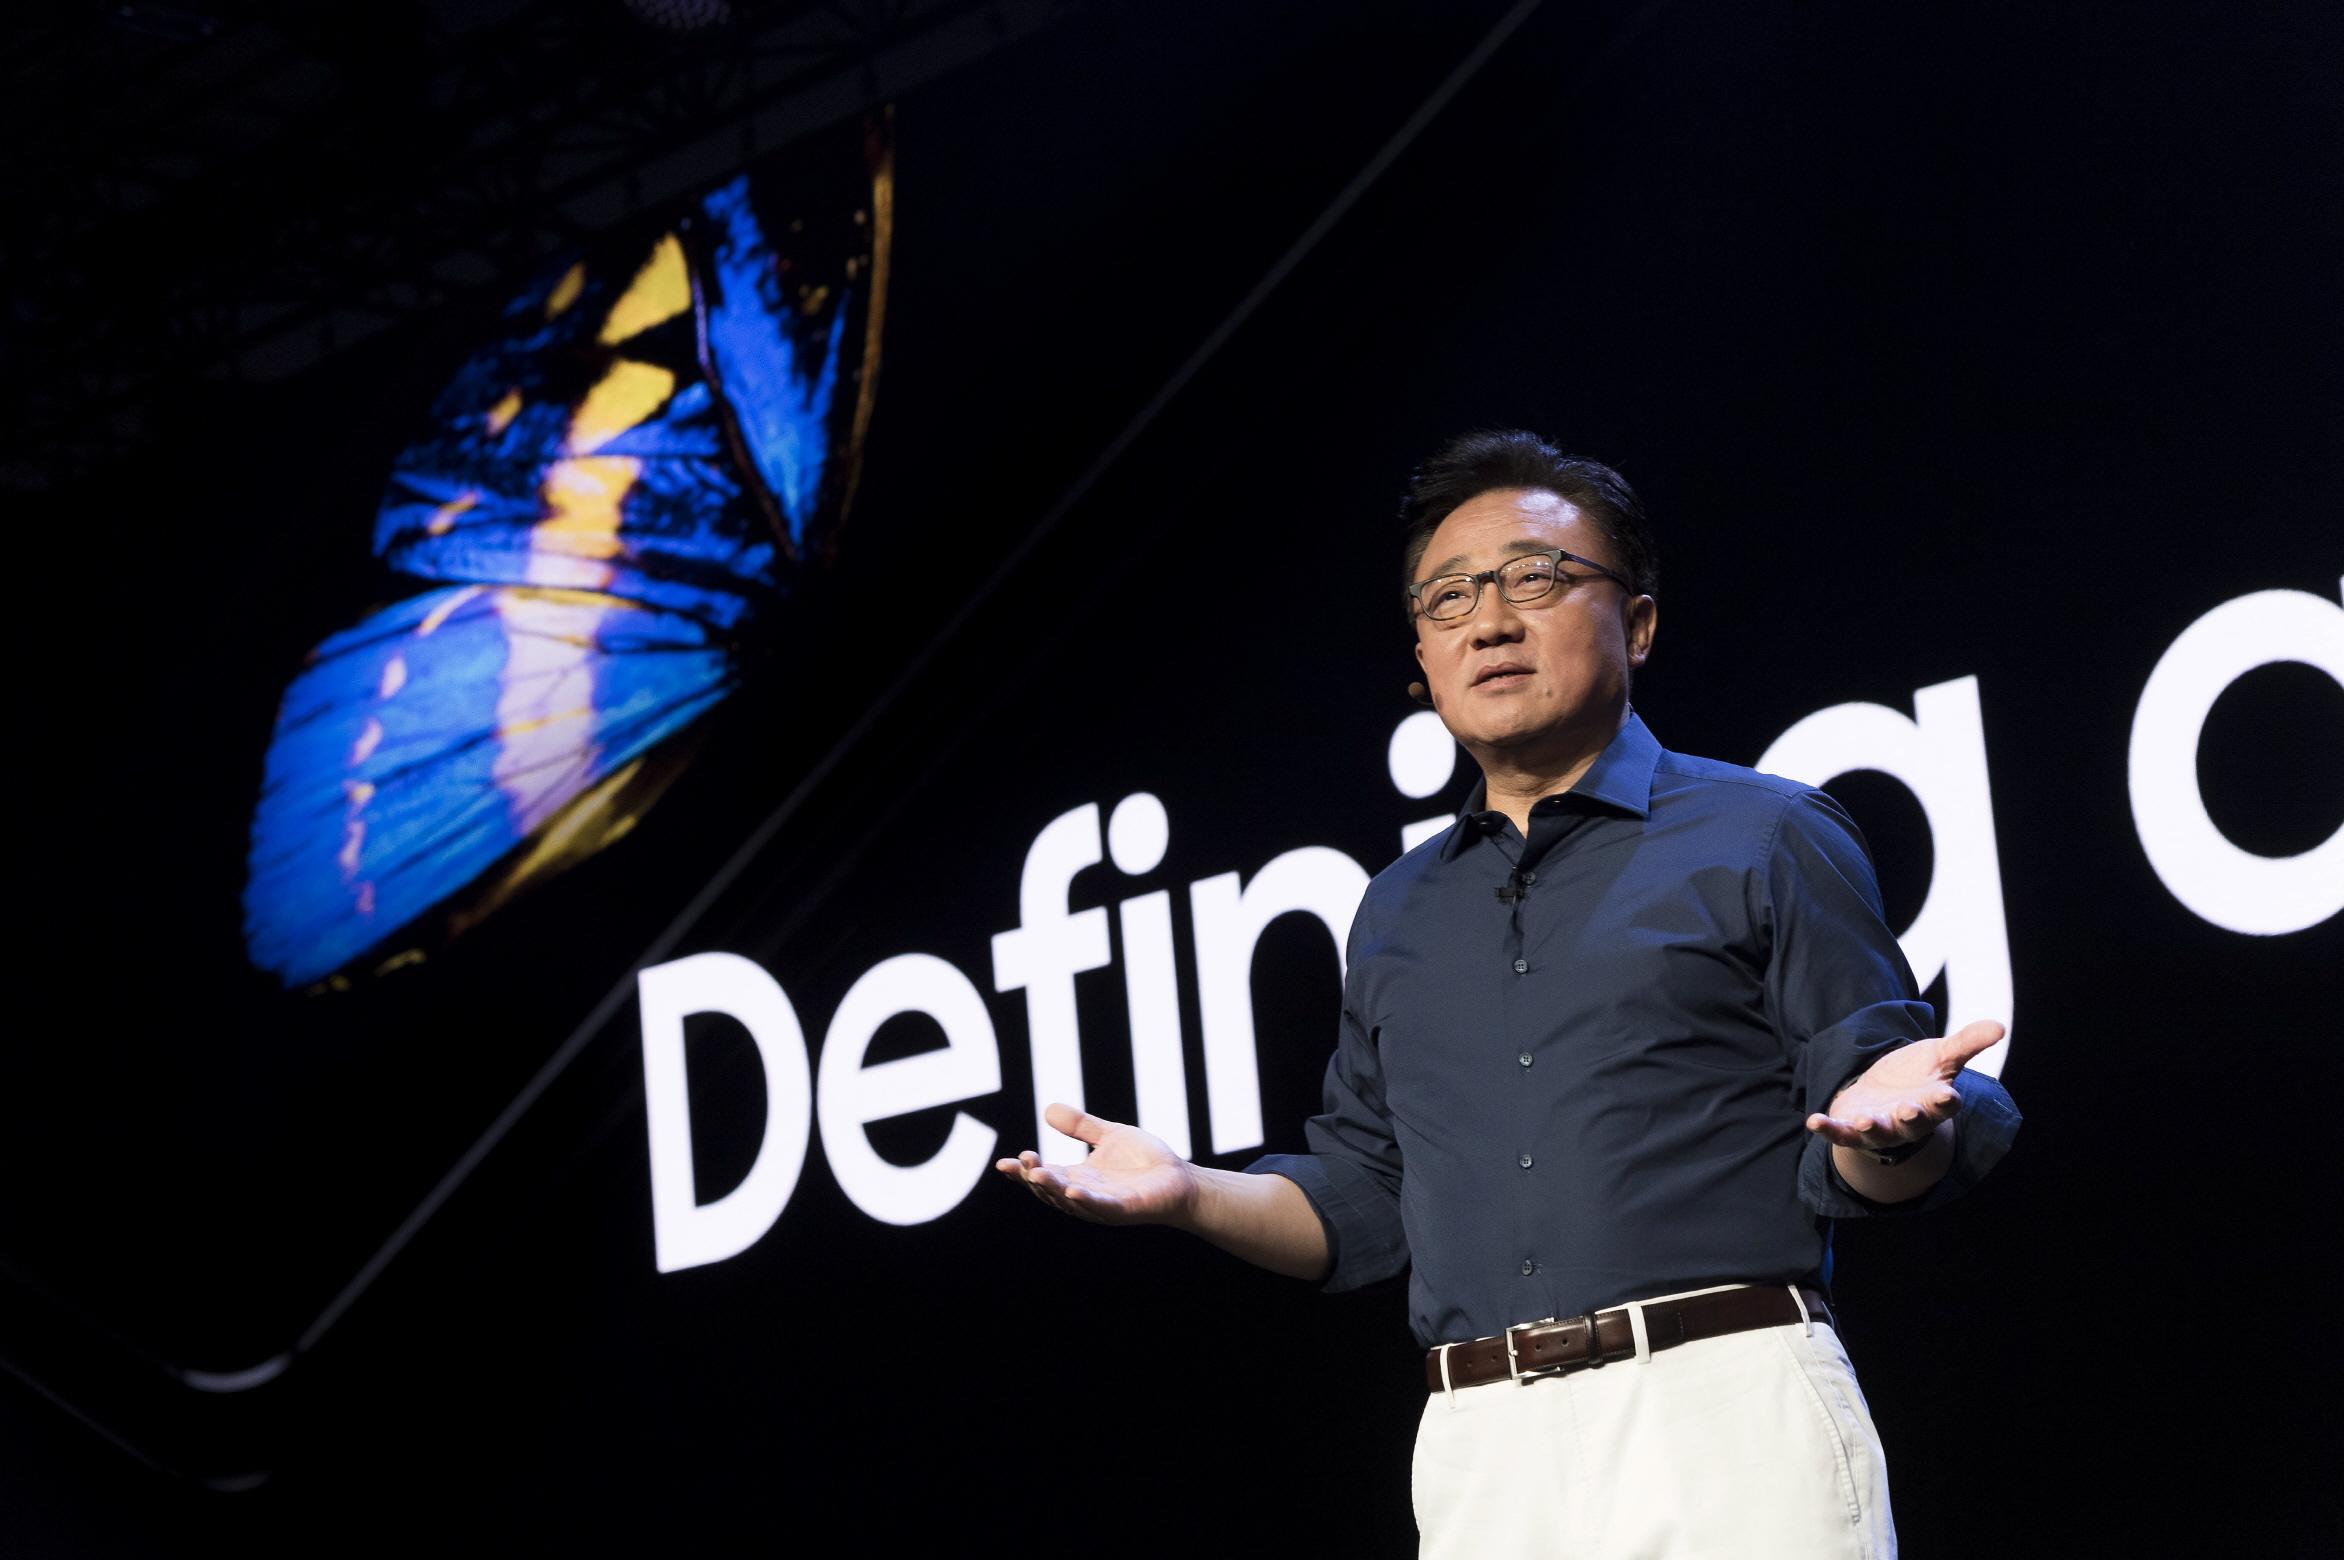 Samsungin mobiiliyksikön johtaja DJ Koh.